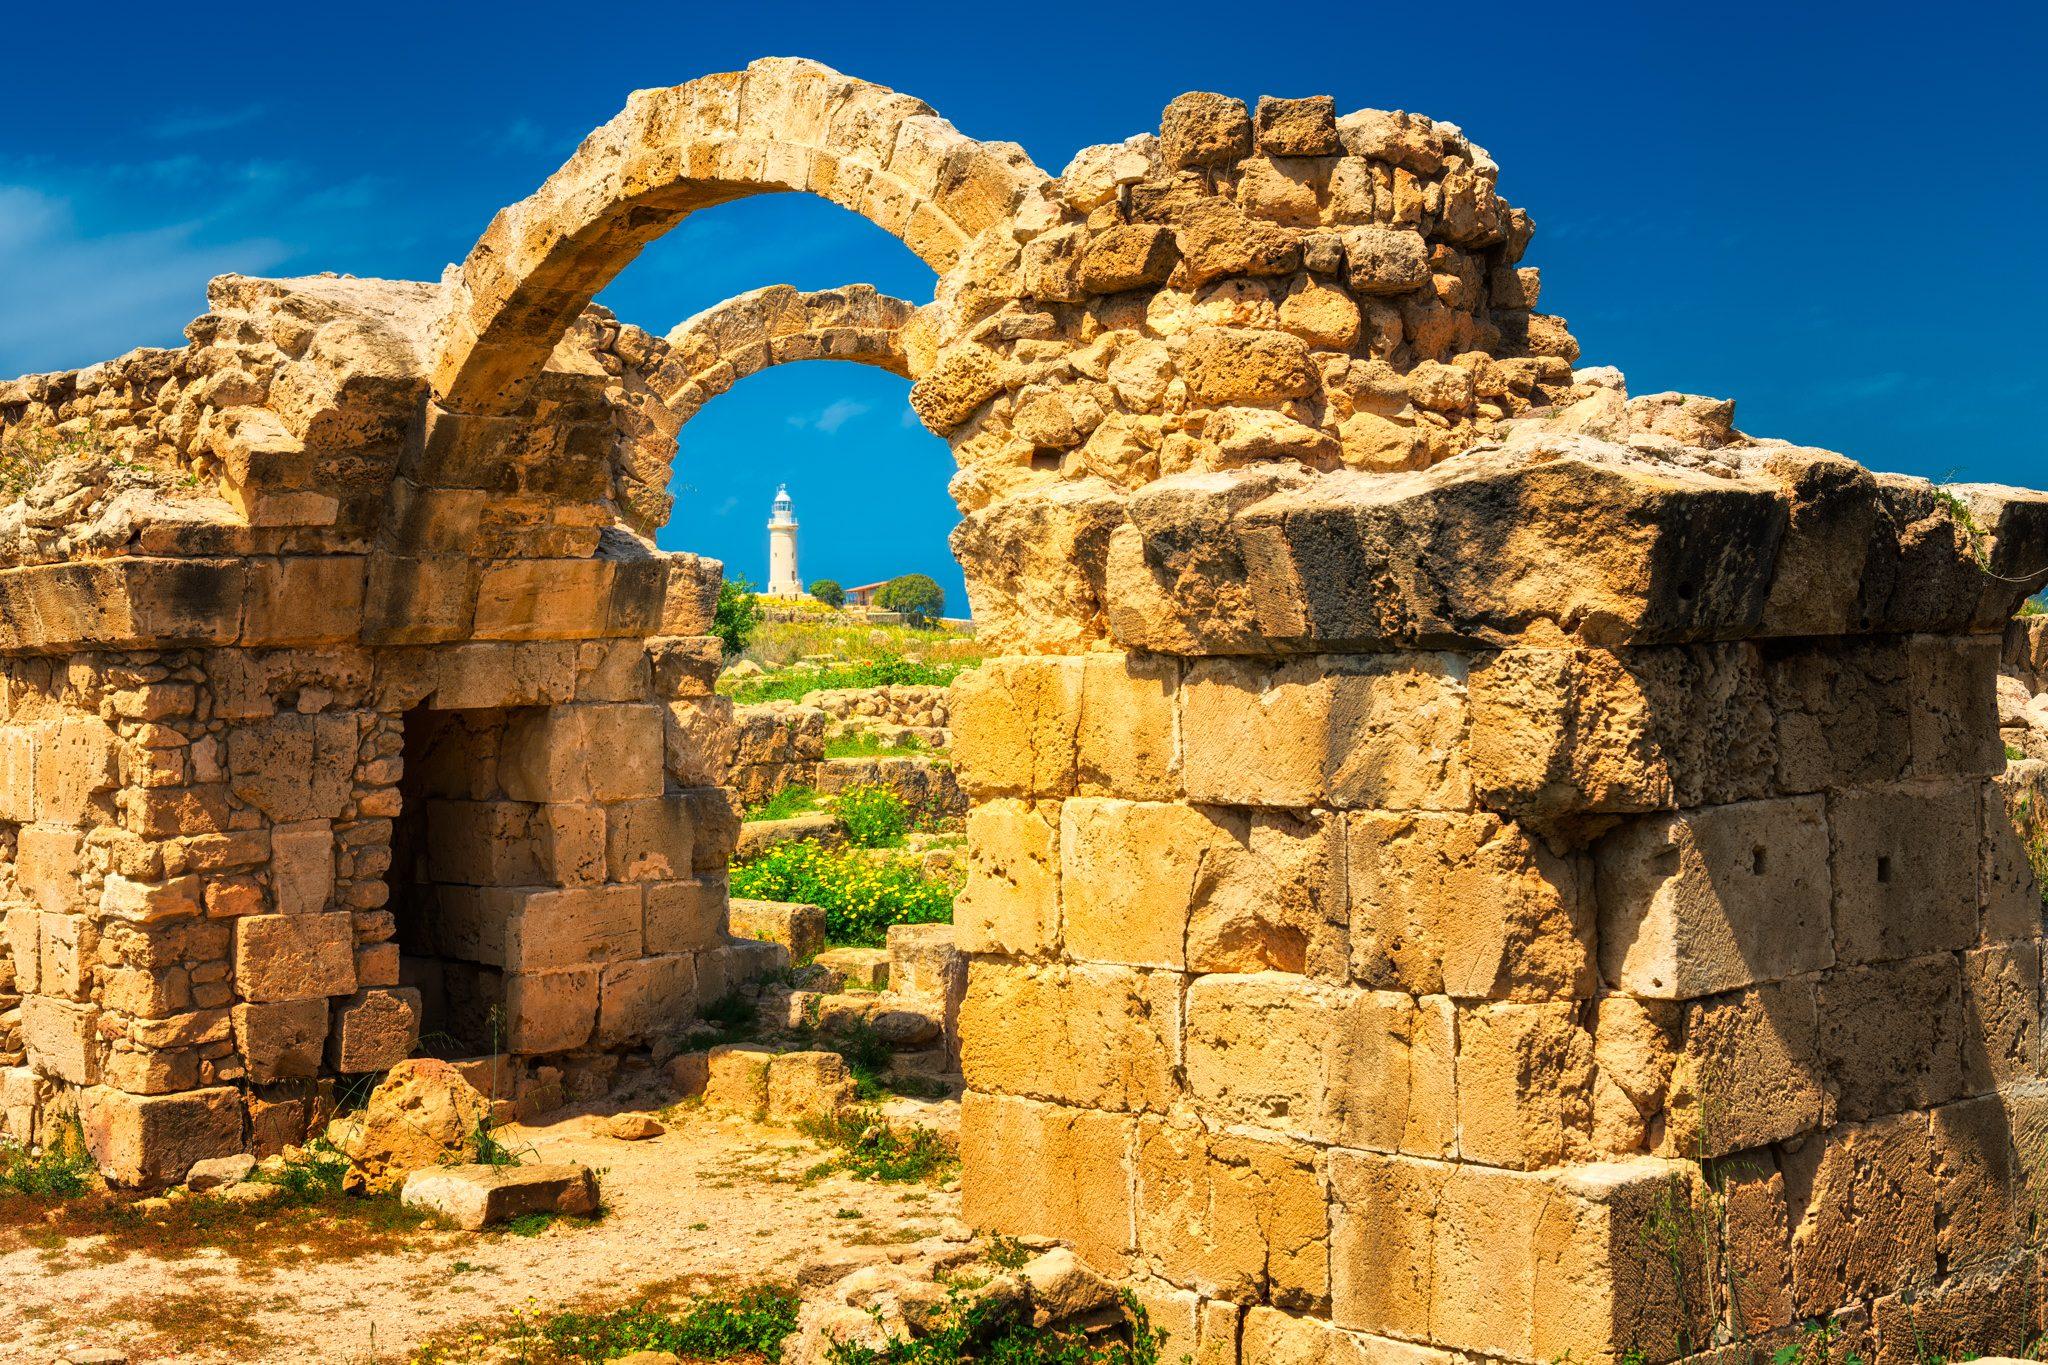 Archäologischer Park Paphos (Ketos archäologischer Park) – Zypern im Frühjahr.